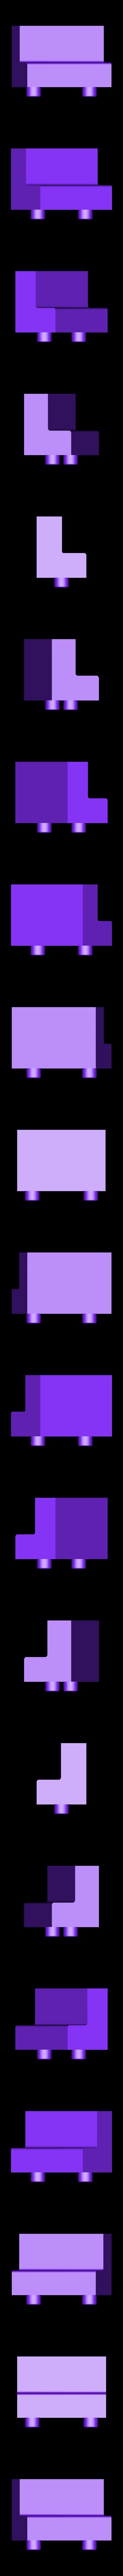 siège avant.STL Télécharger fichier STL gratuit charrette 2 roue • Objet à imprimer en 3D, trixo416